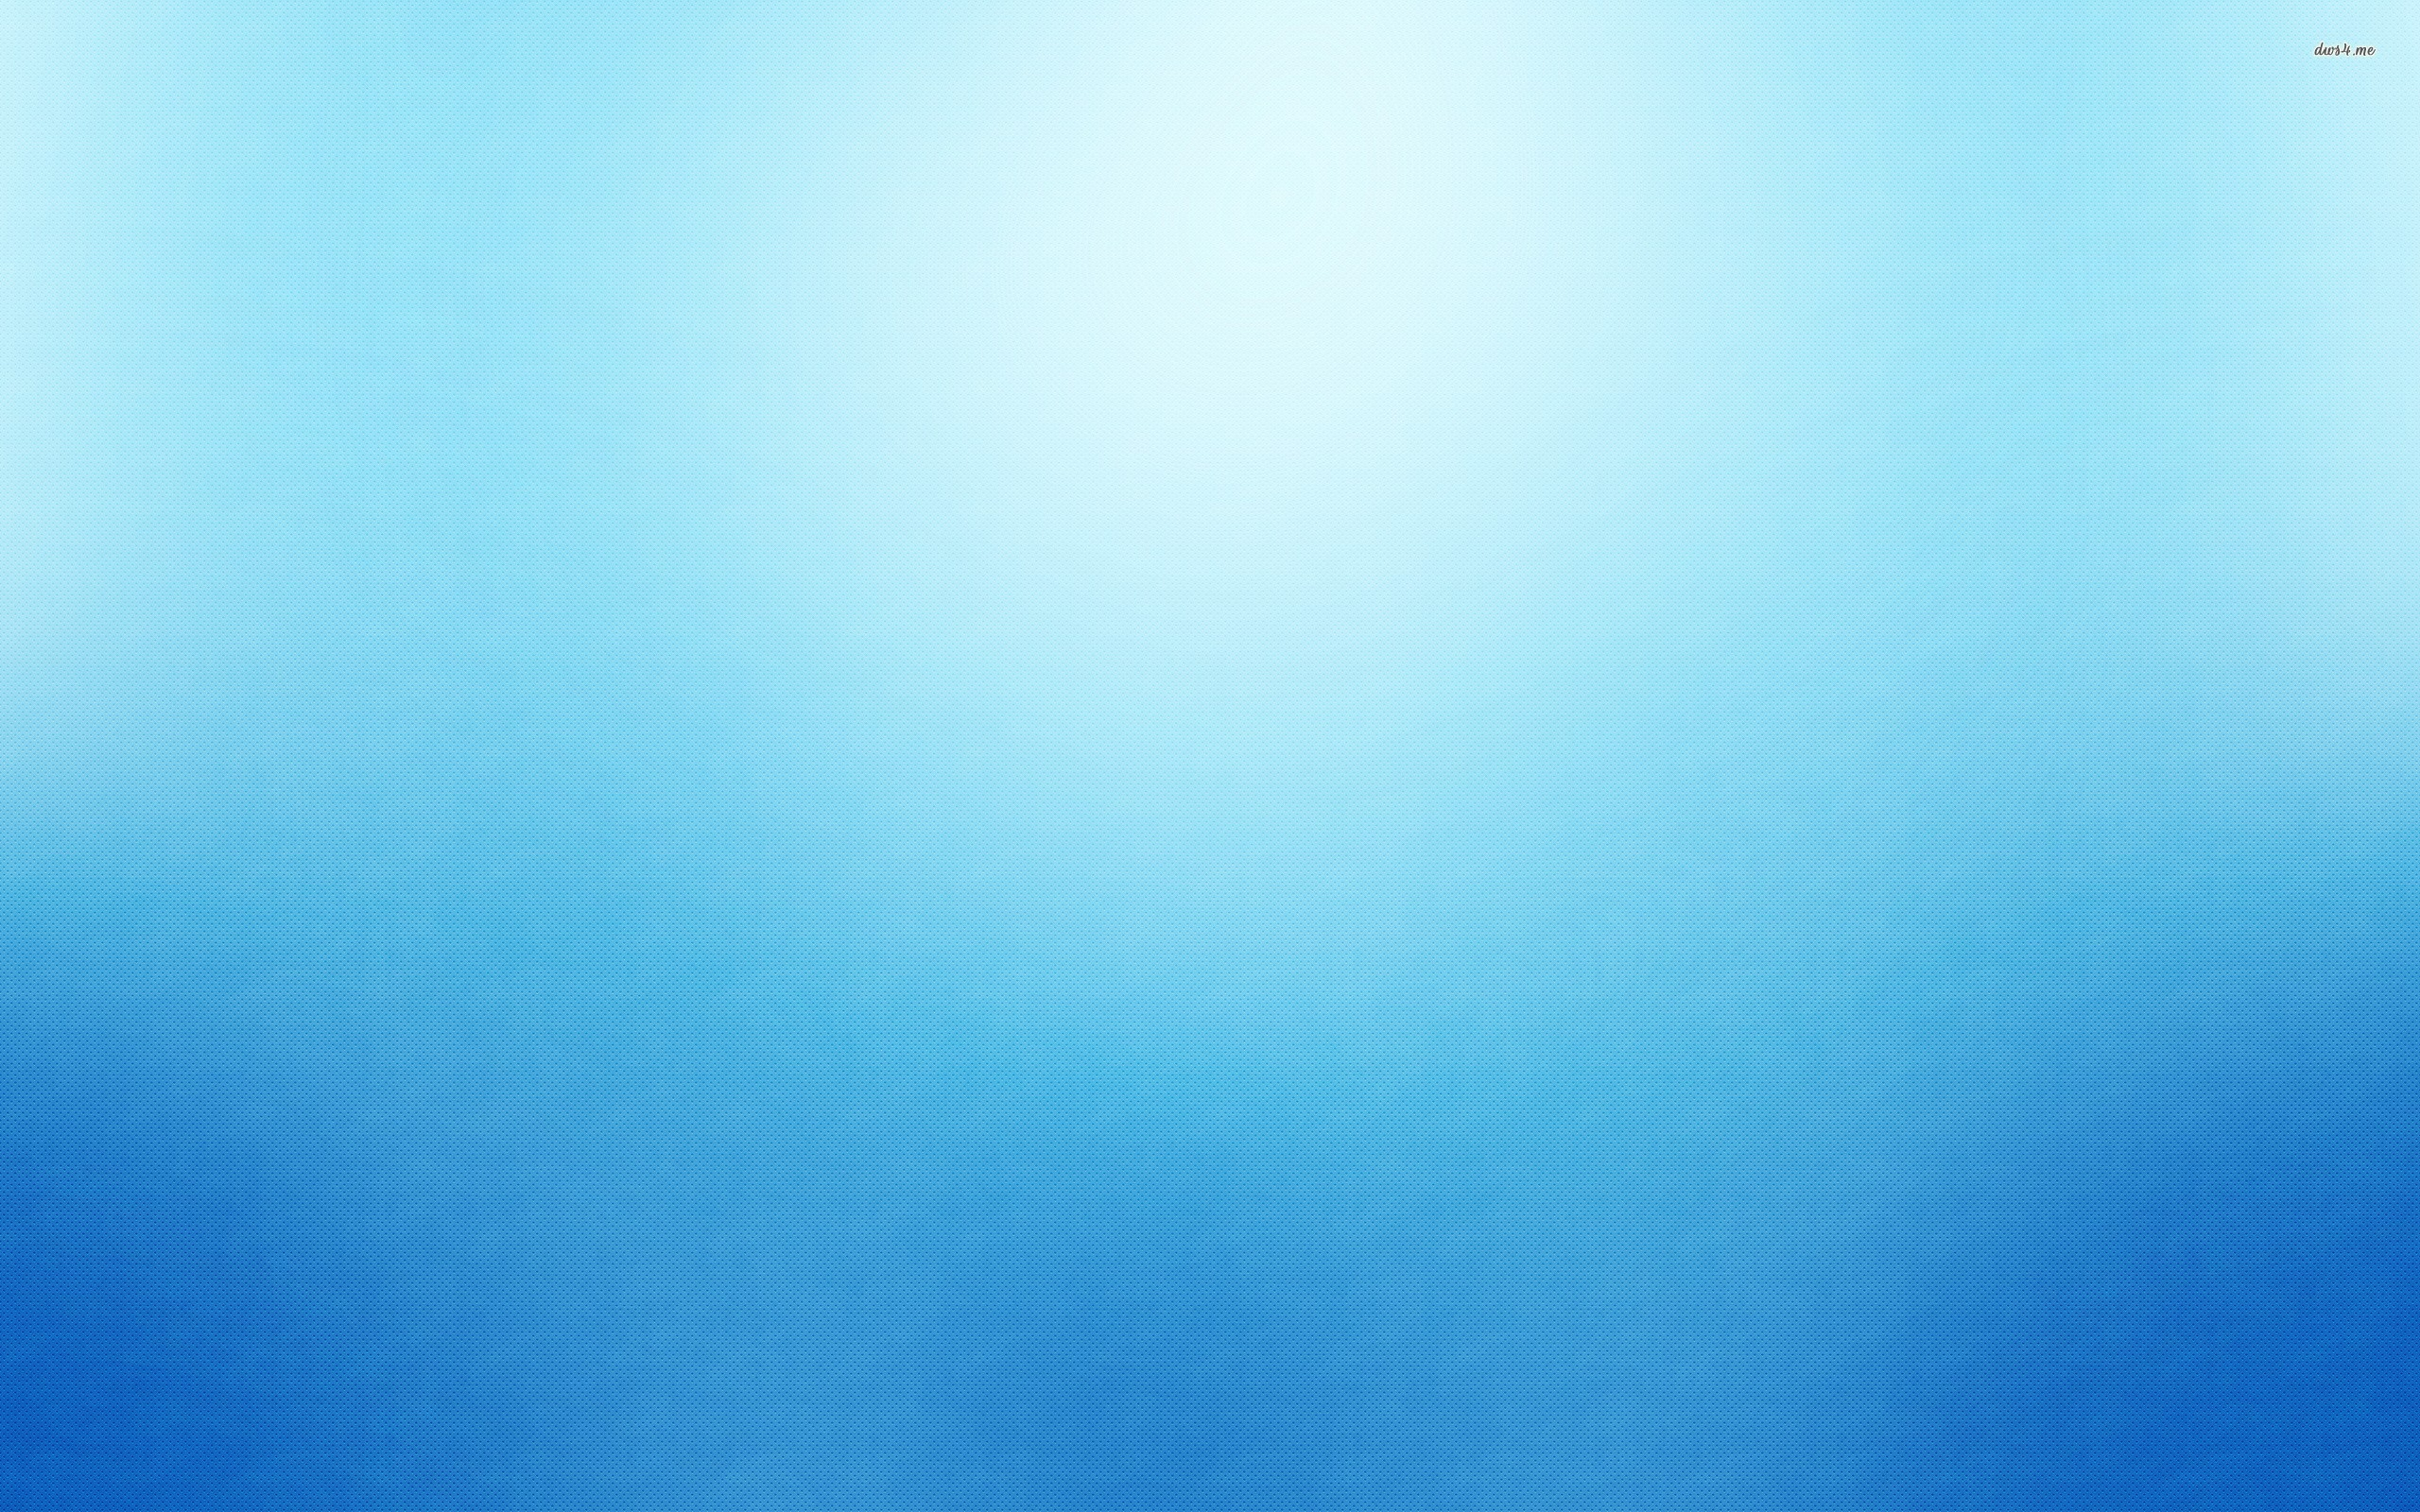 Blue Light Filter Iphone